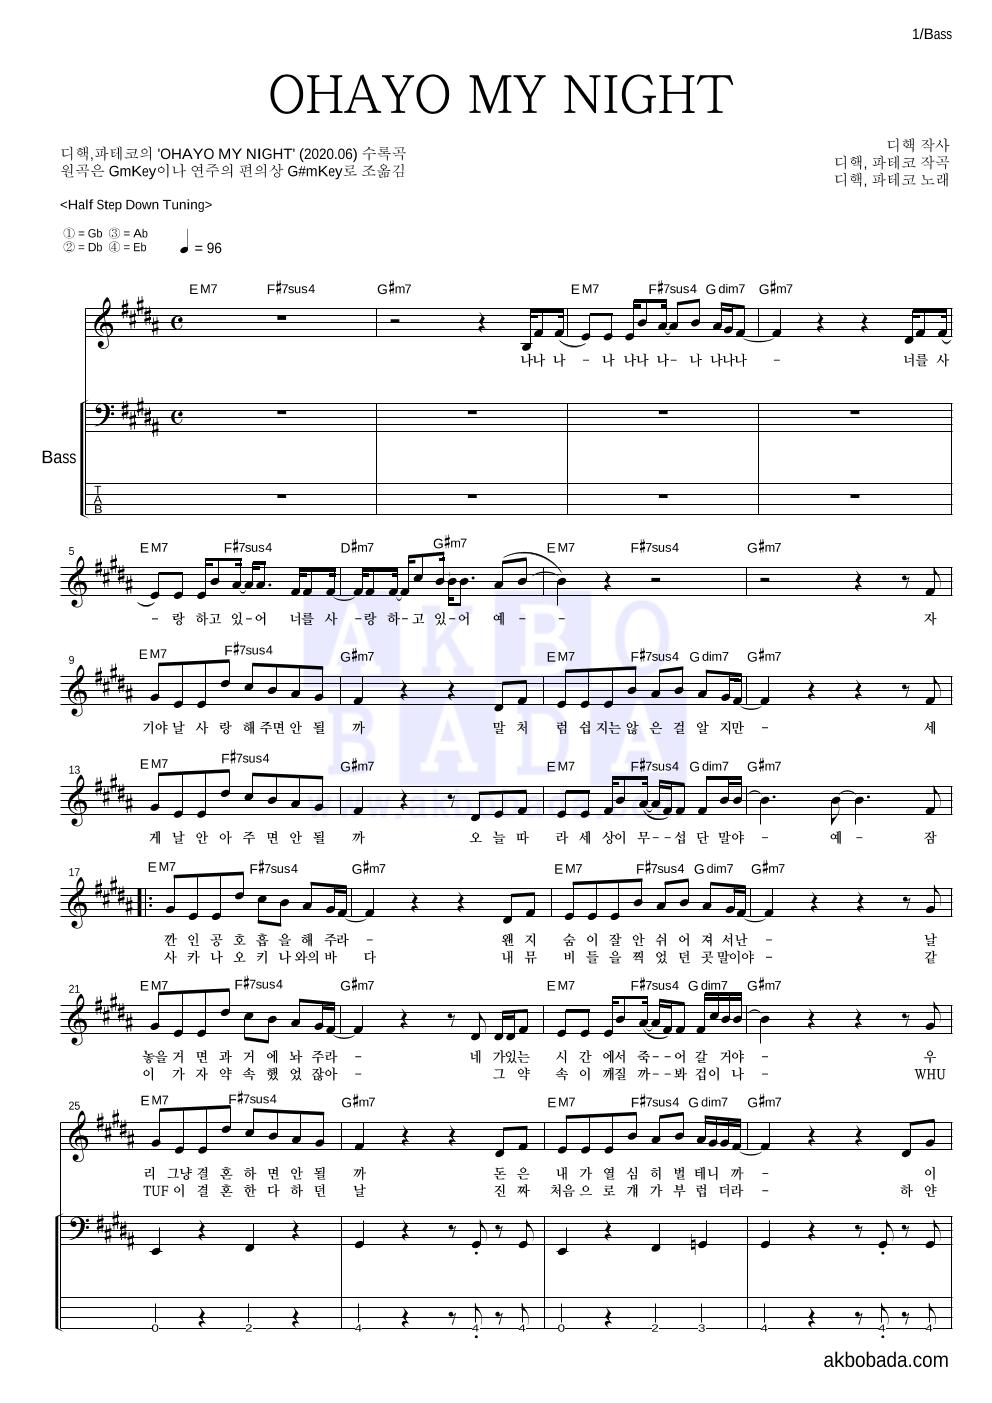 디핵,파테코 - OHAYO MY NIGHT 베이스 악보